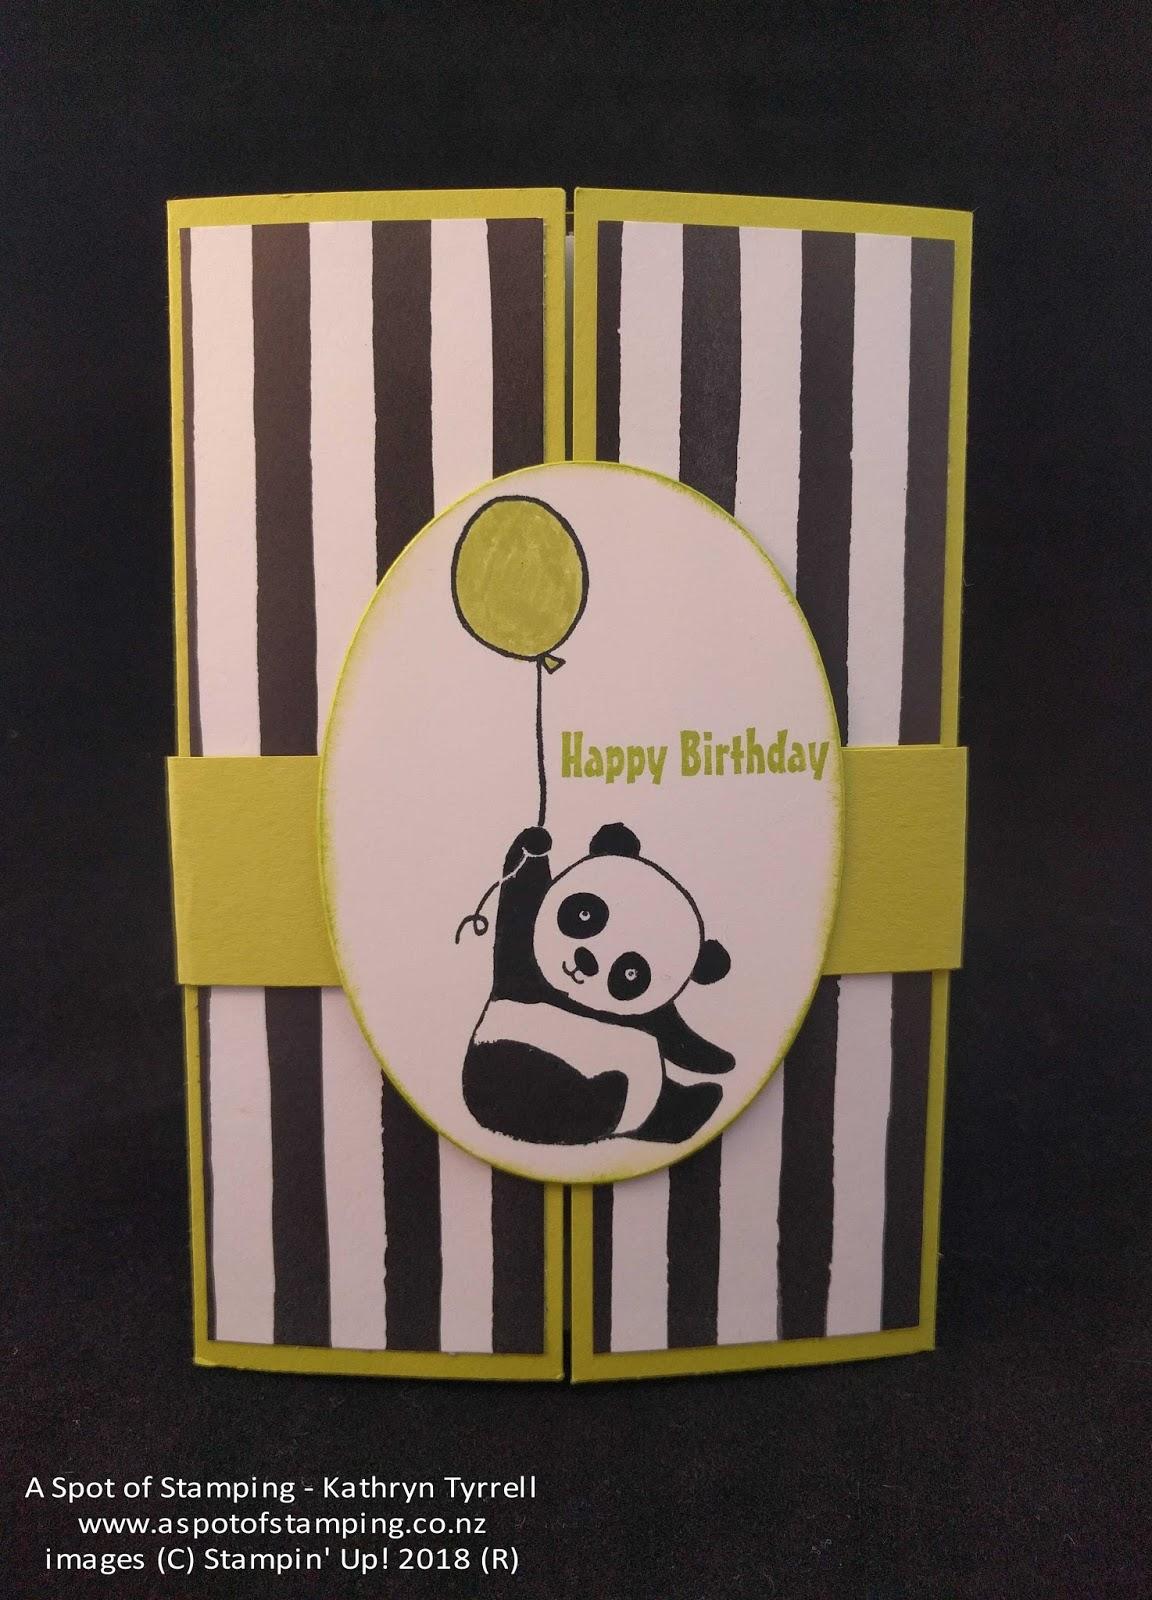 A Spot of Stamping: Party Pandas Gatefold Shutter Card